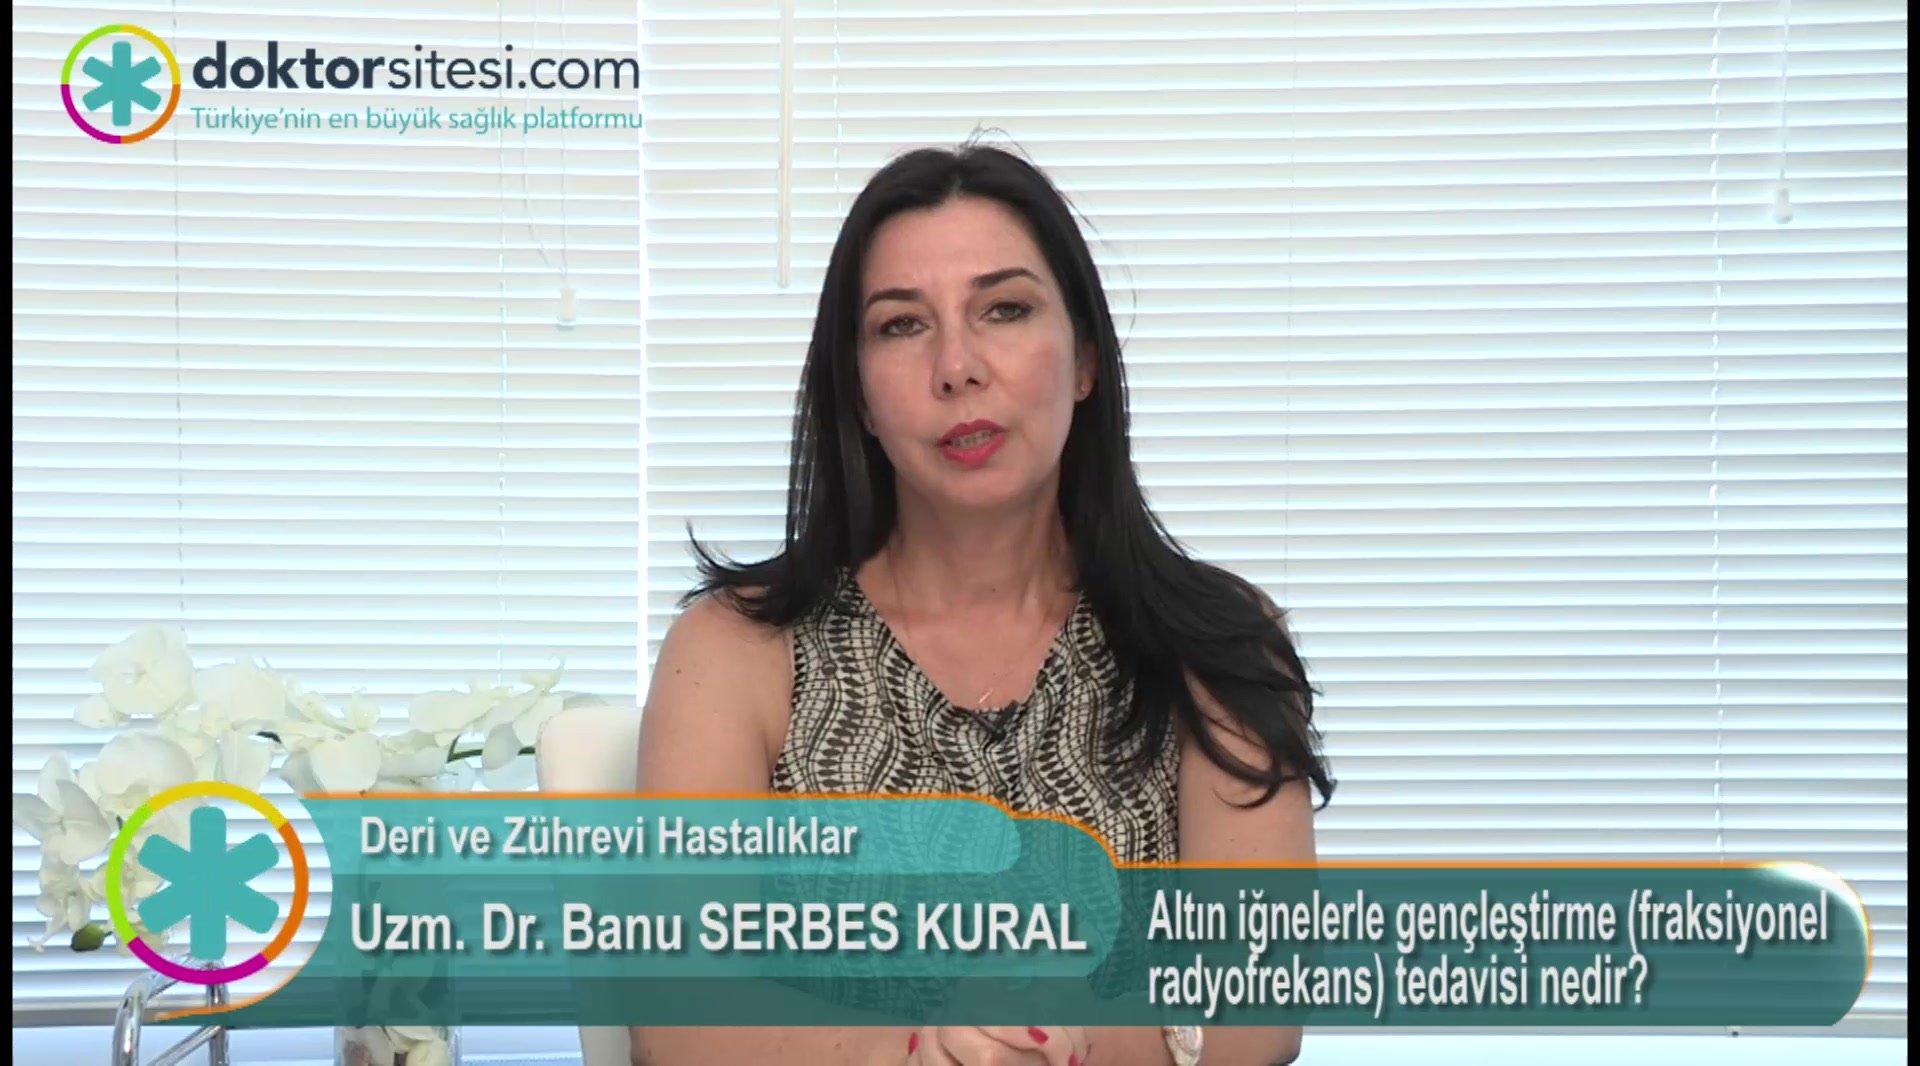 """Altın iğnelerle gençleştirme (fraksiyonel radyofrekans) tedavisi nedir? """"Uzm. Dr. Banu  SERBES KURAL"""""""